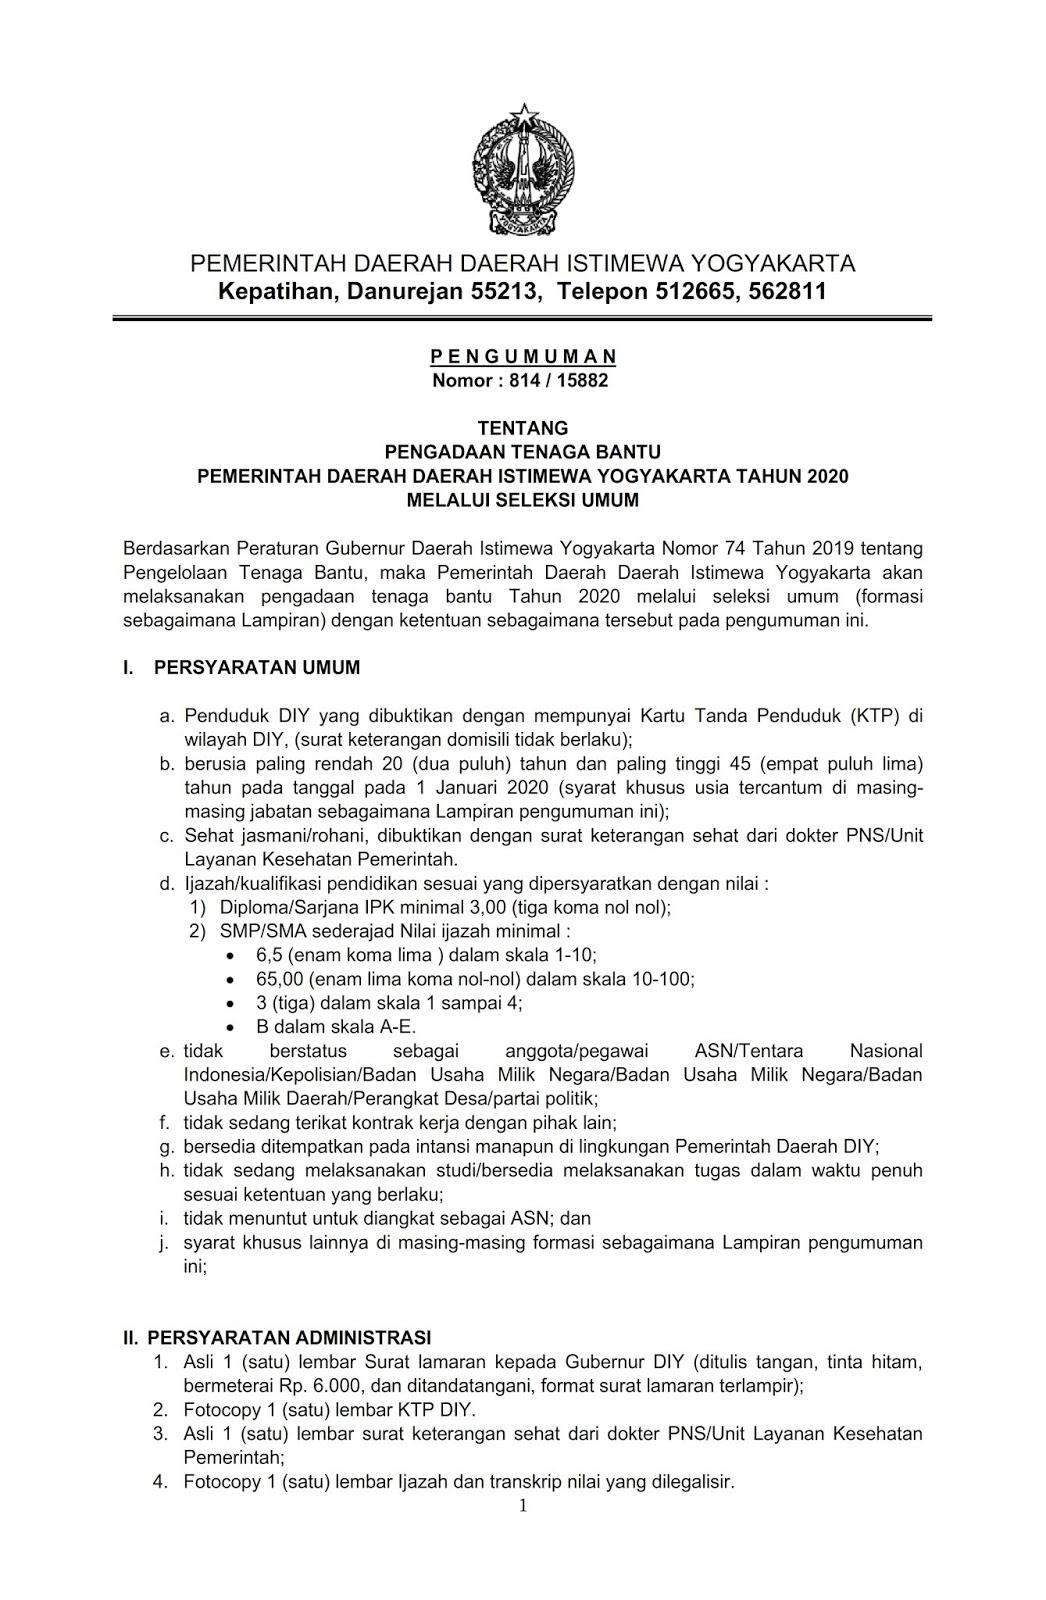 Pengadaan Tenaga Bantu Pemda Diy Tahun 2020 Tingkat Pendidikan Sltp Slta Smk D3 D4 S1 Rekrutmen Dan Lowongan Kerja Bulan Februari 2021